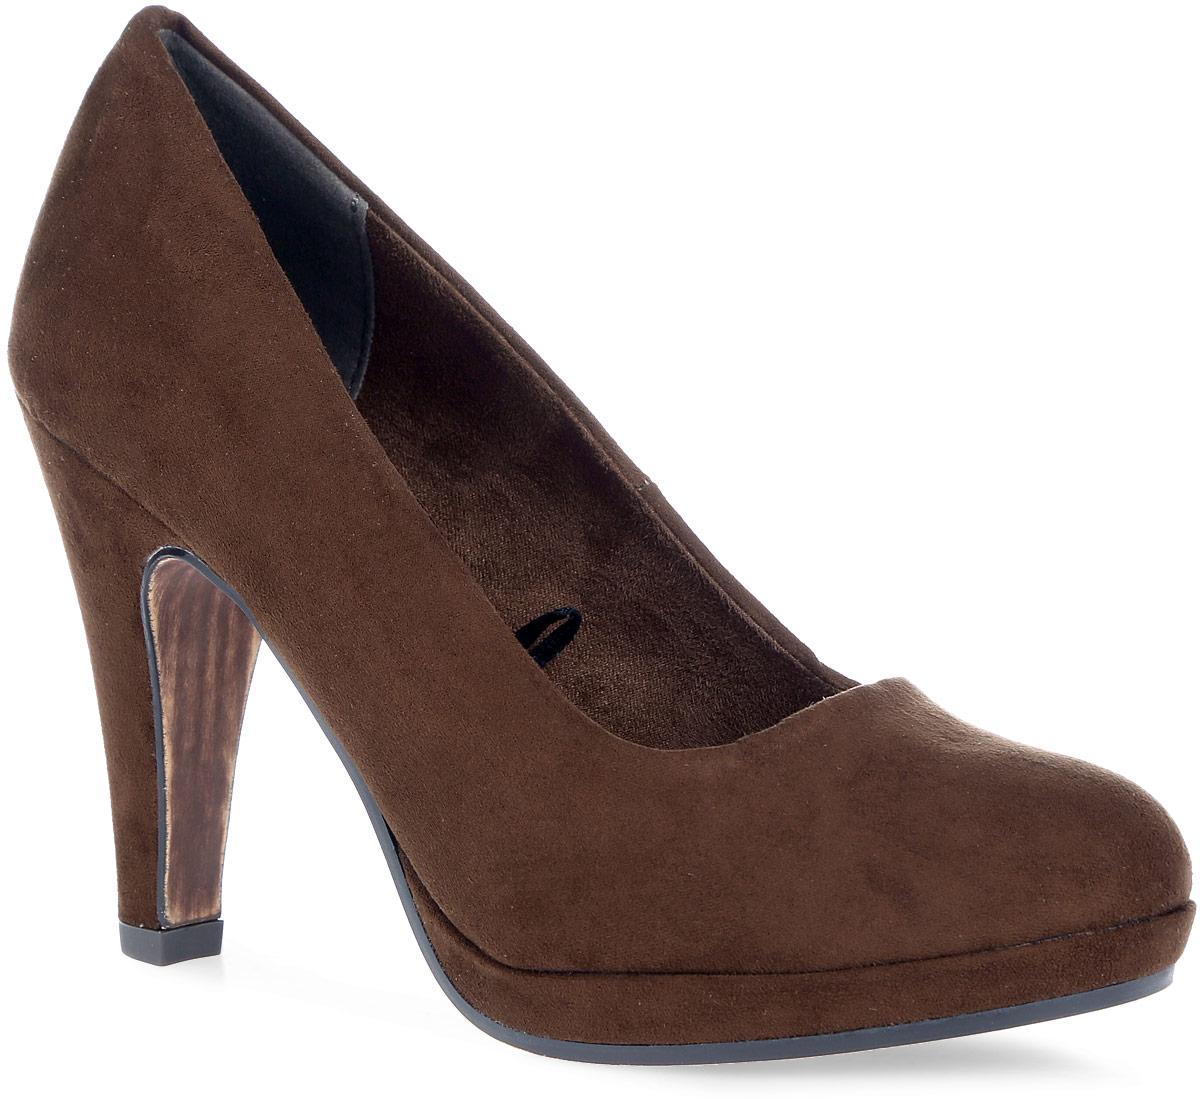 Туфли лодочки. 2-2-22441-37-3052-2-22441-37-305Изысканные туфли лодочки от Marco Tozzi добавят шика в модный образ и подчеркнут ваш безупречный вкус. Модель выполнена из качественной искусственной замши. Закругленный носок добавит женственности в ваш образ. Подкладка выполнена из мягкого бархатистого текстиля, комфортного при движении. Стелька выполнена из мягкой искусственной кожи. Модель дополнена высоким устойчивым каблуком. Подошва с рифлением защищает изделие от скольжения. Такие элегантные туфли займут достойное место в вашем гардеробе.